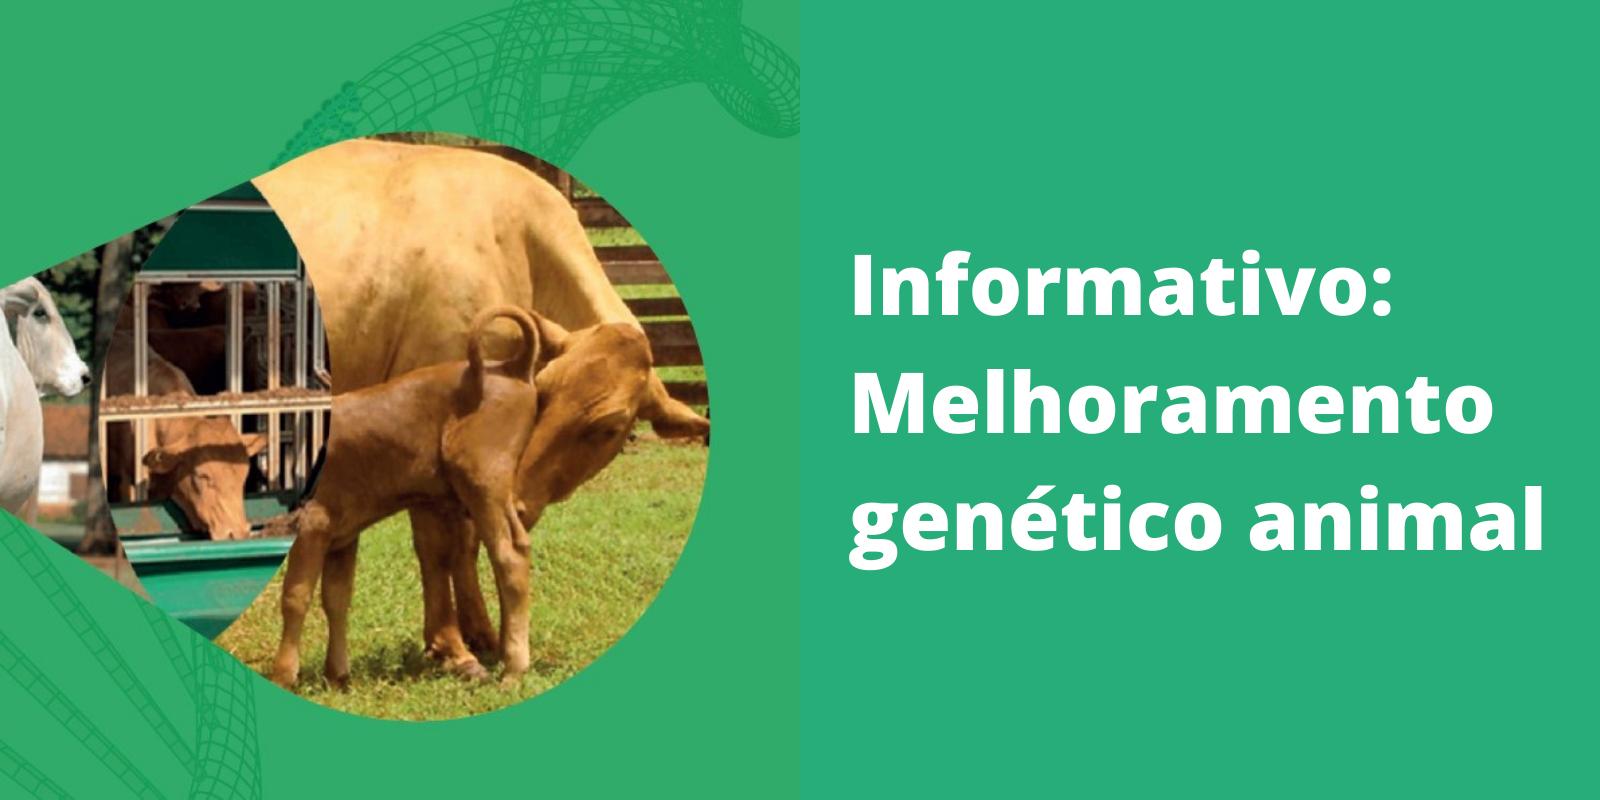 Imagem: Informativo: Melhoramento genético